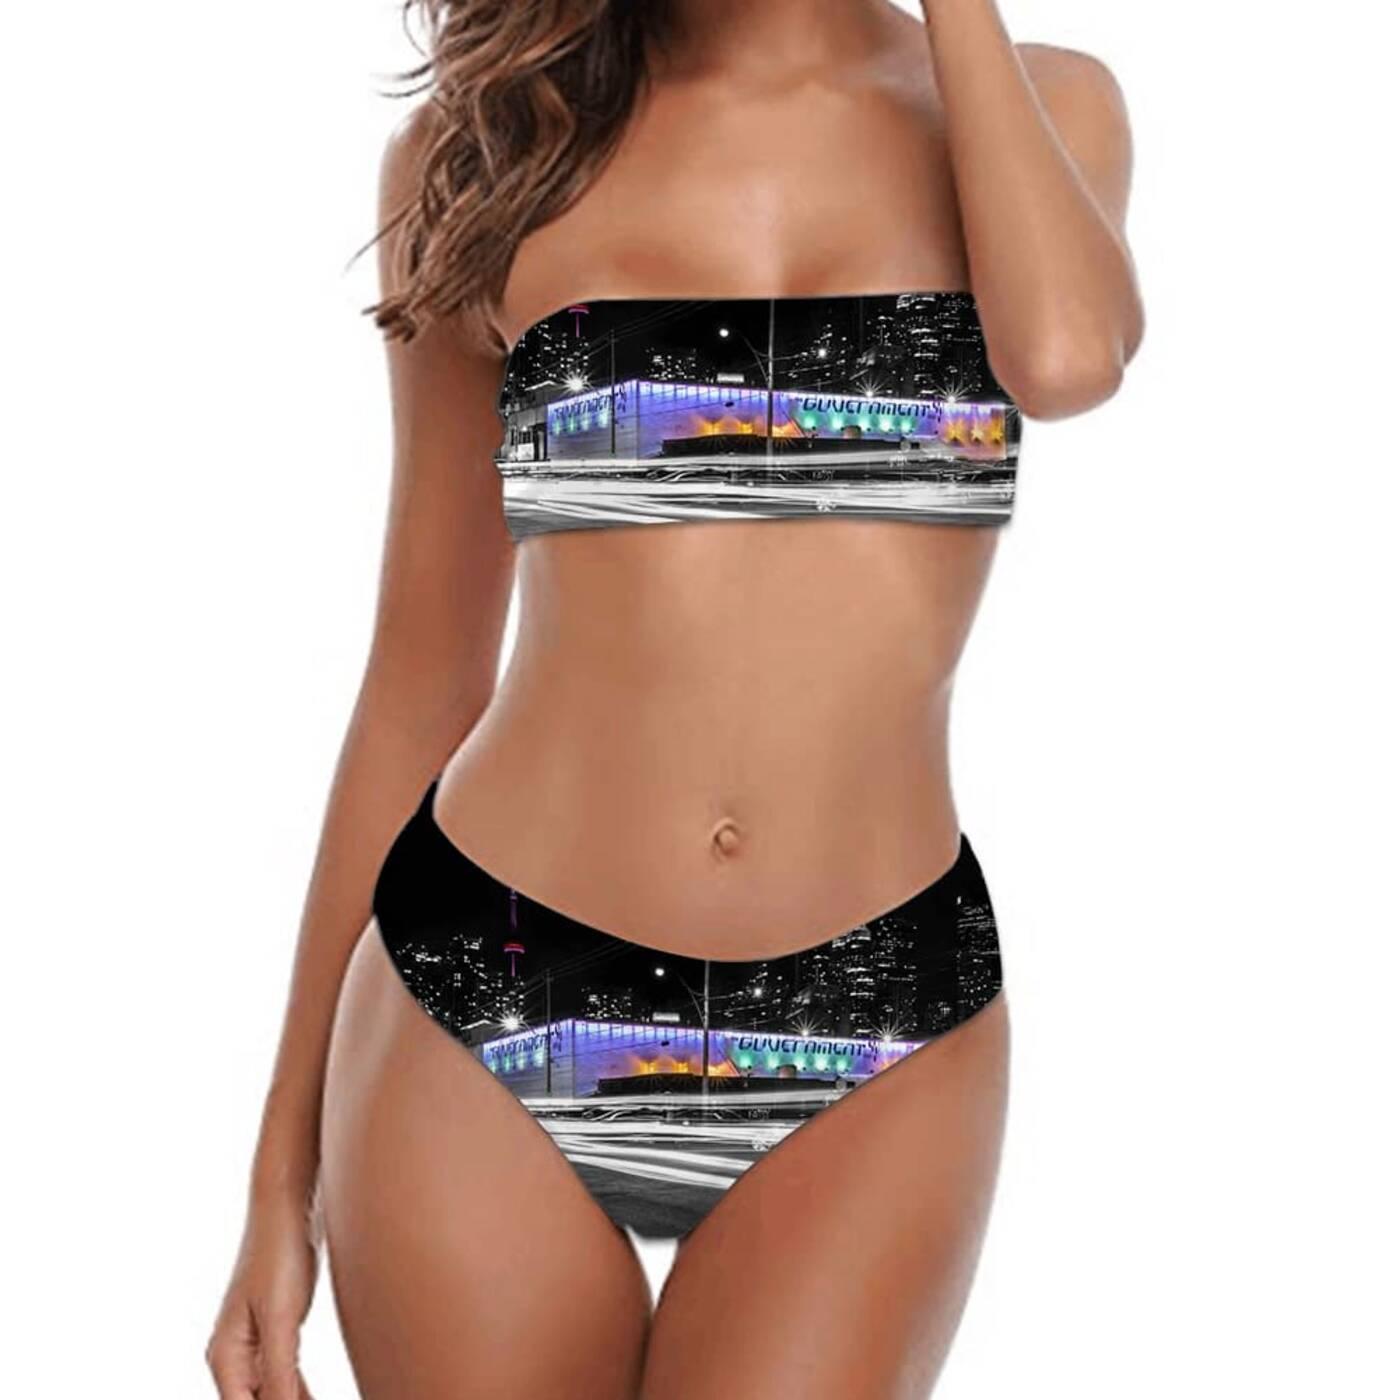 guvernment bikini